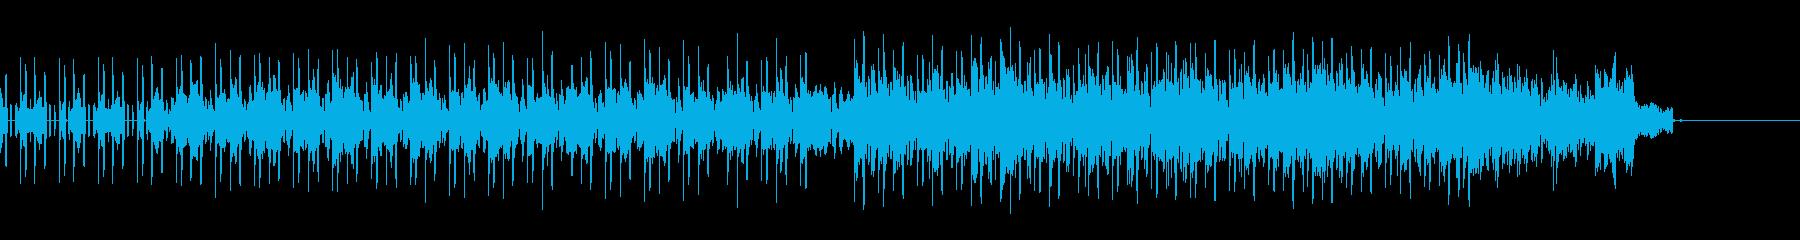 サイエンス系映像、cm ヒップホップの再生済みの波形